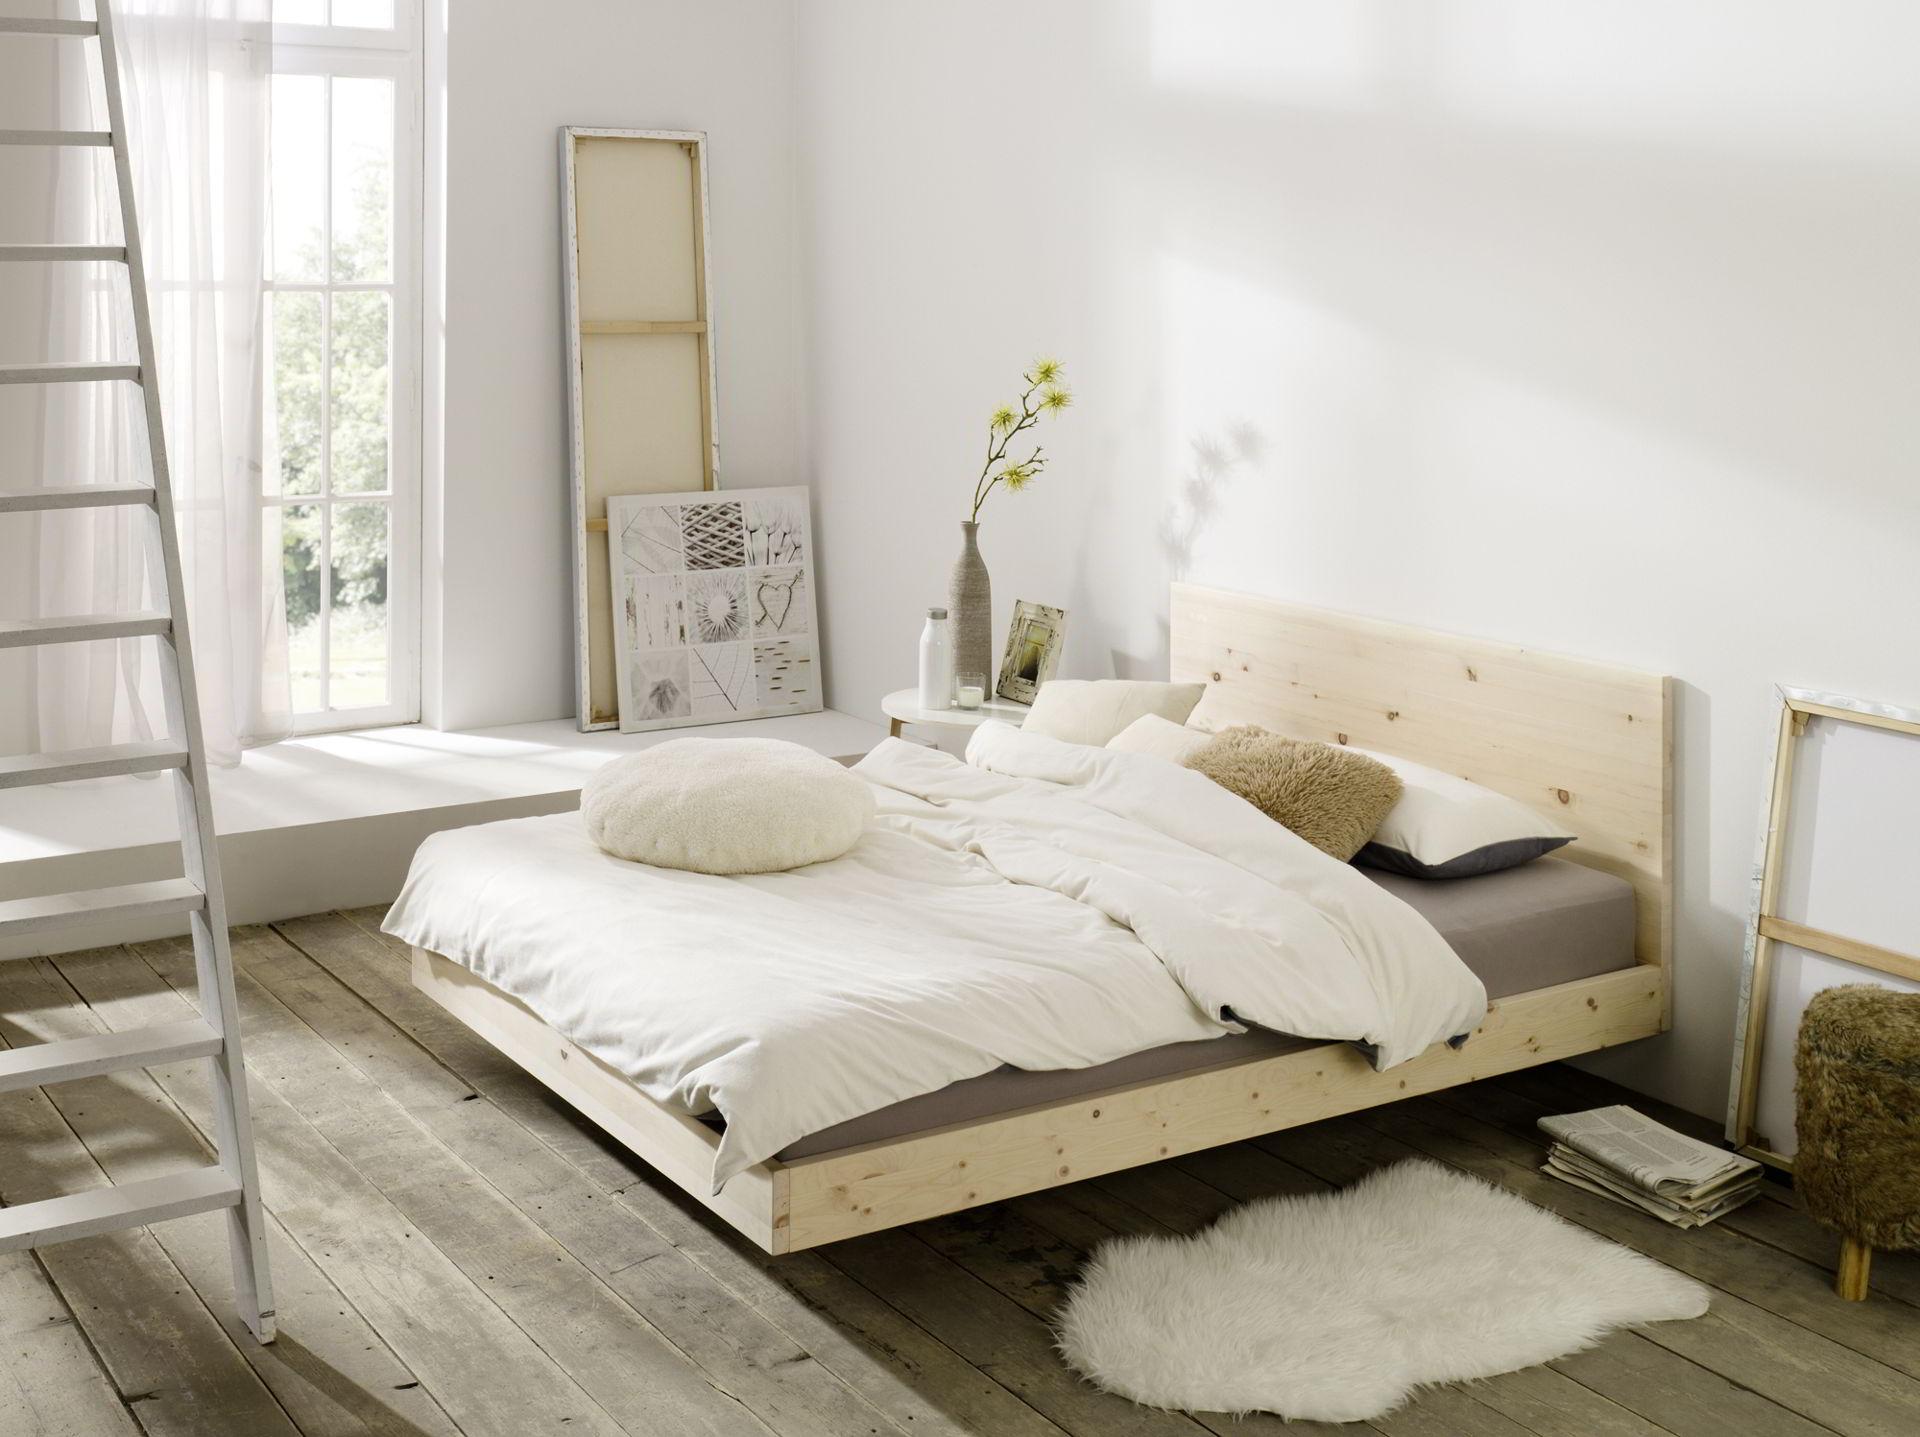 Full Size of Niedrige Betten Amazon 180x200 Holz Ottoversand Test Ebay Team 7 Billerbeck Französische Weiß Ruf Preise Aus Japanische Outlet Ausgefallene 140x200 Wohnzimmer Niedrige Betten